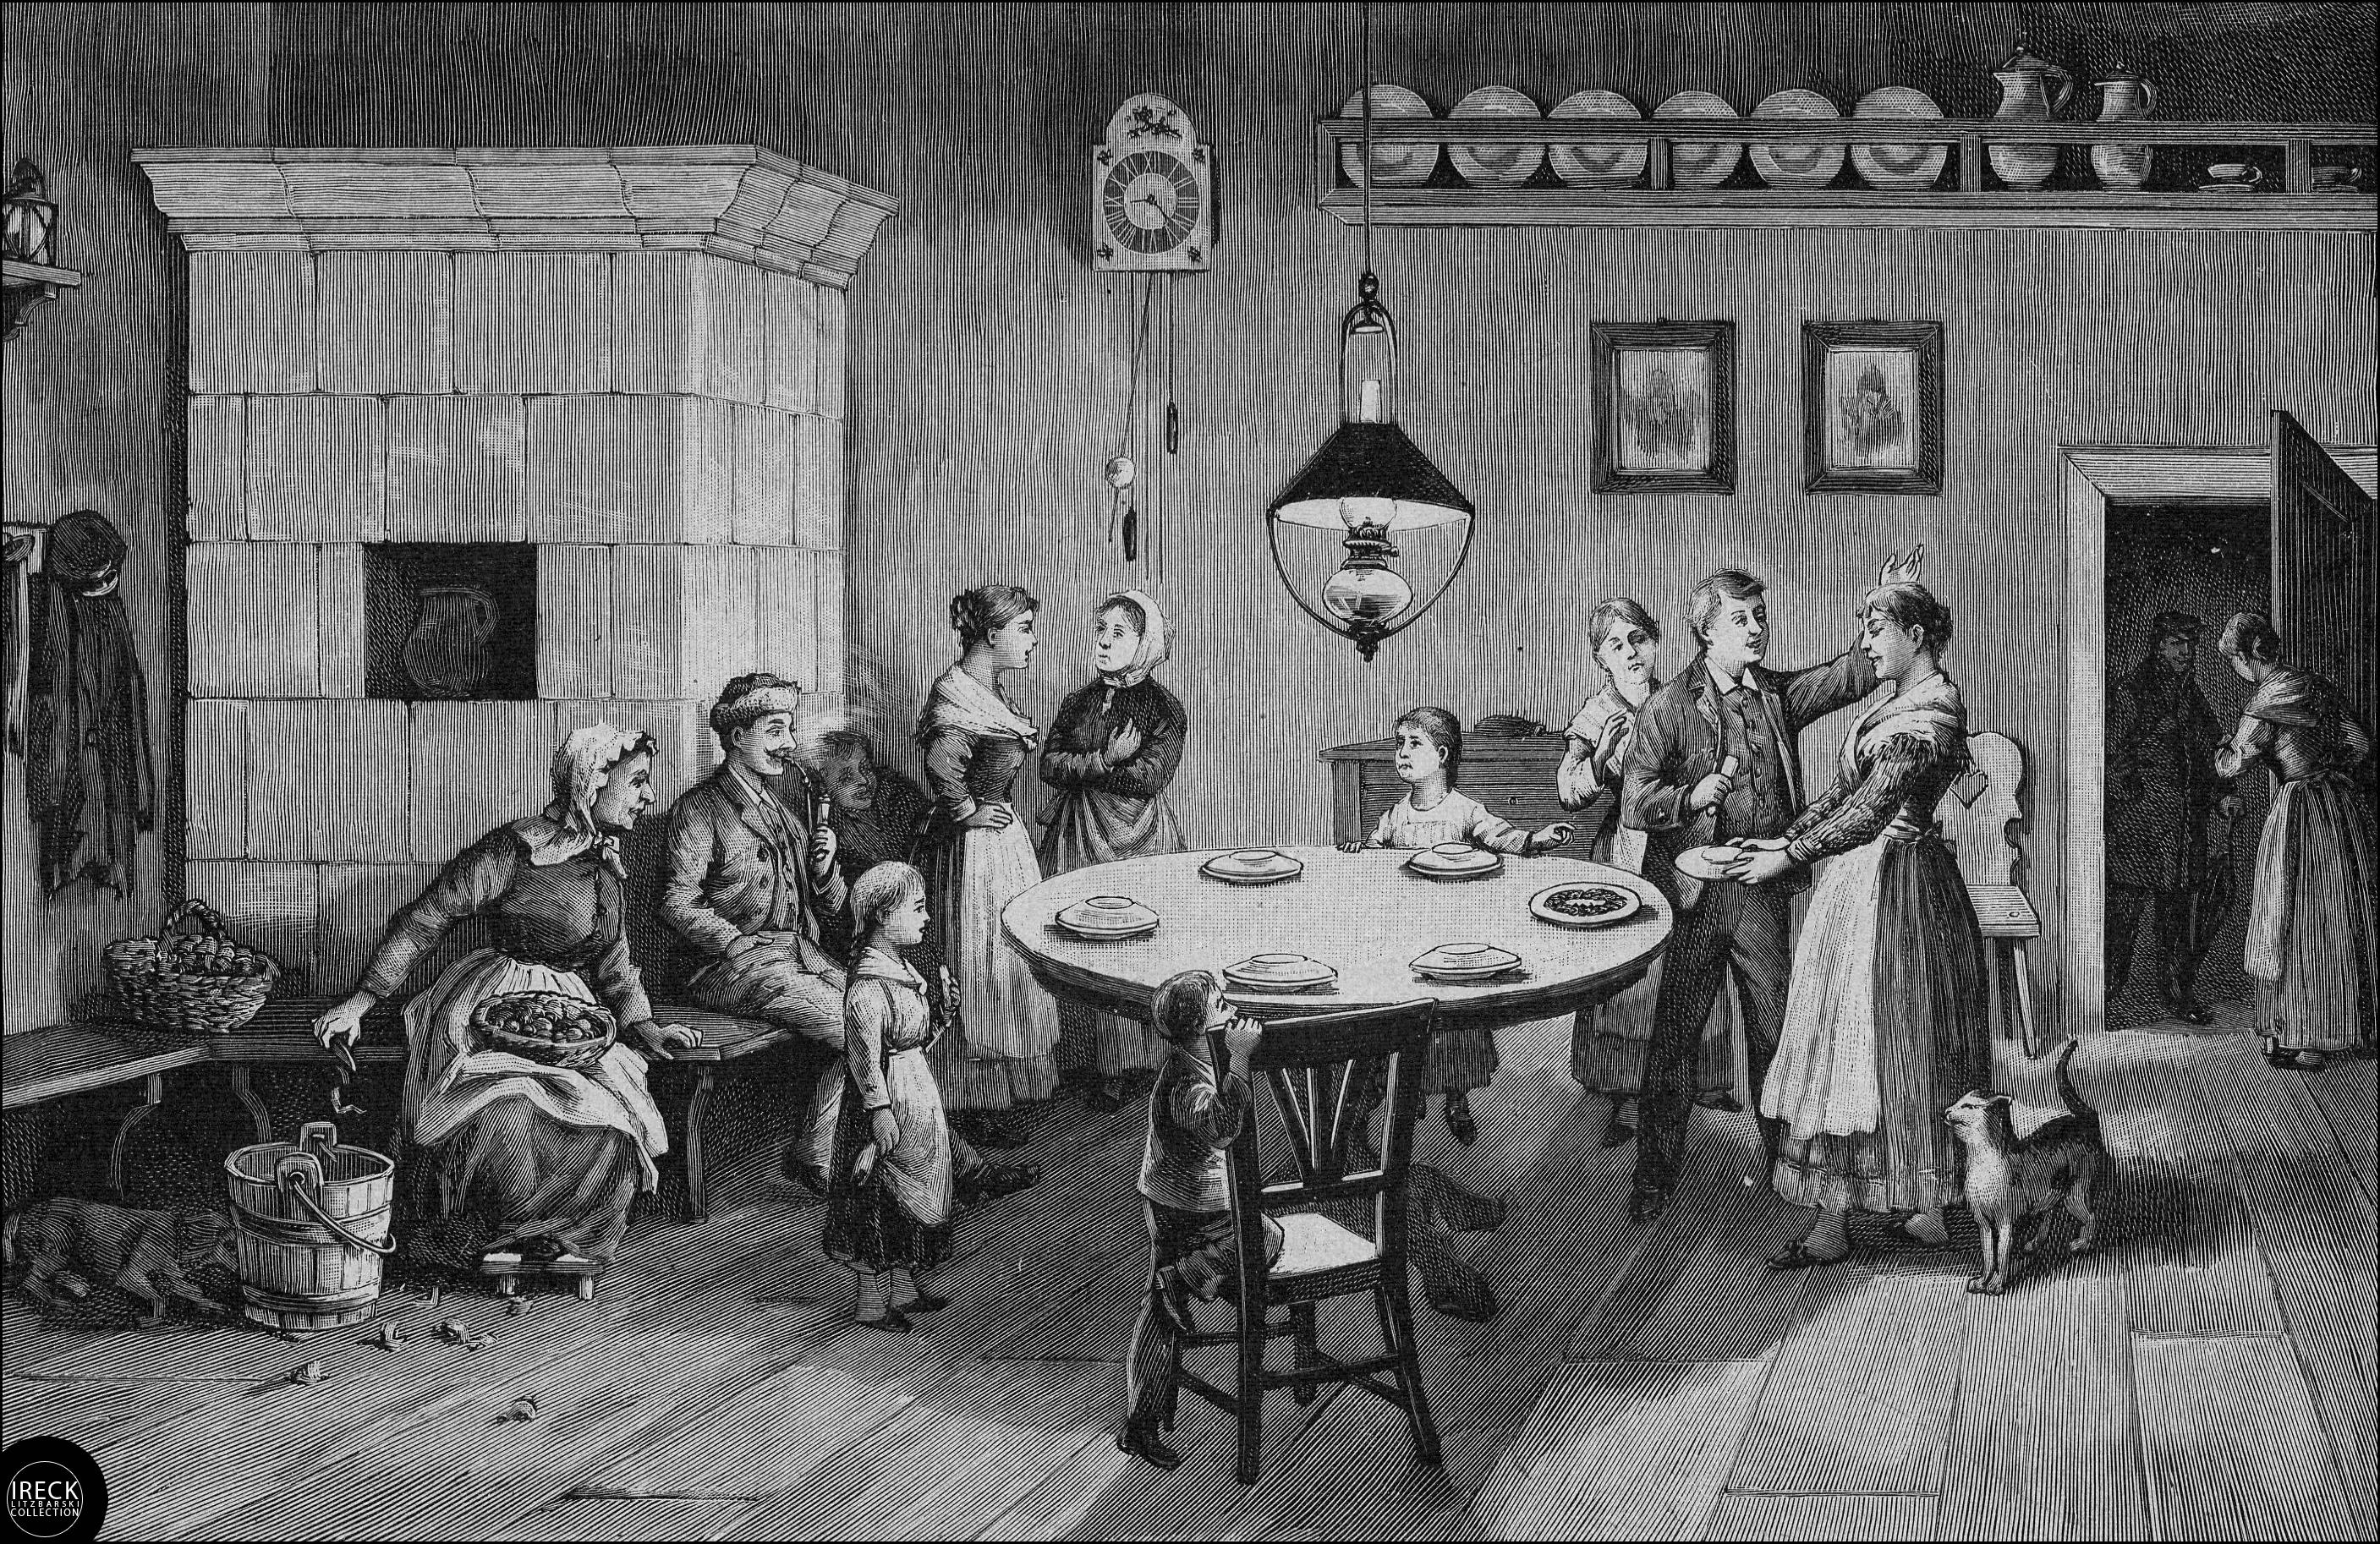 Sylvesterbräuche in Pommern: Das Tellerschieben. Pomorze, Pomerania 1890